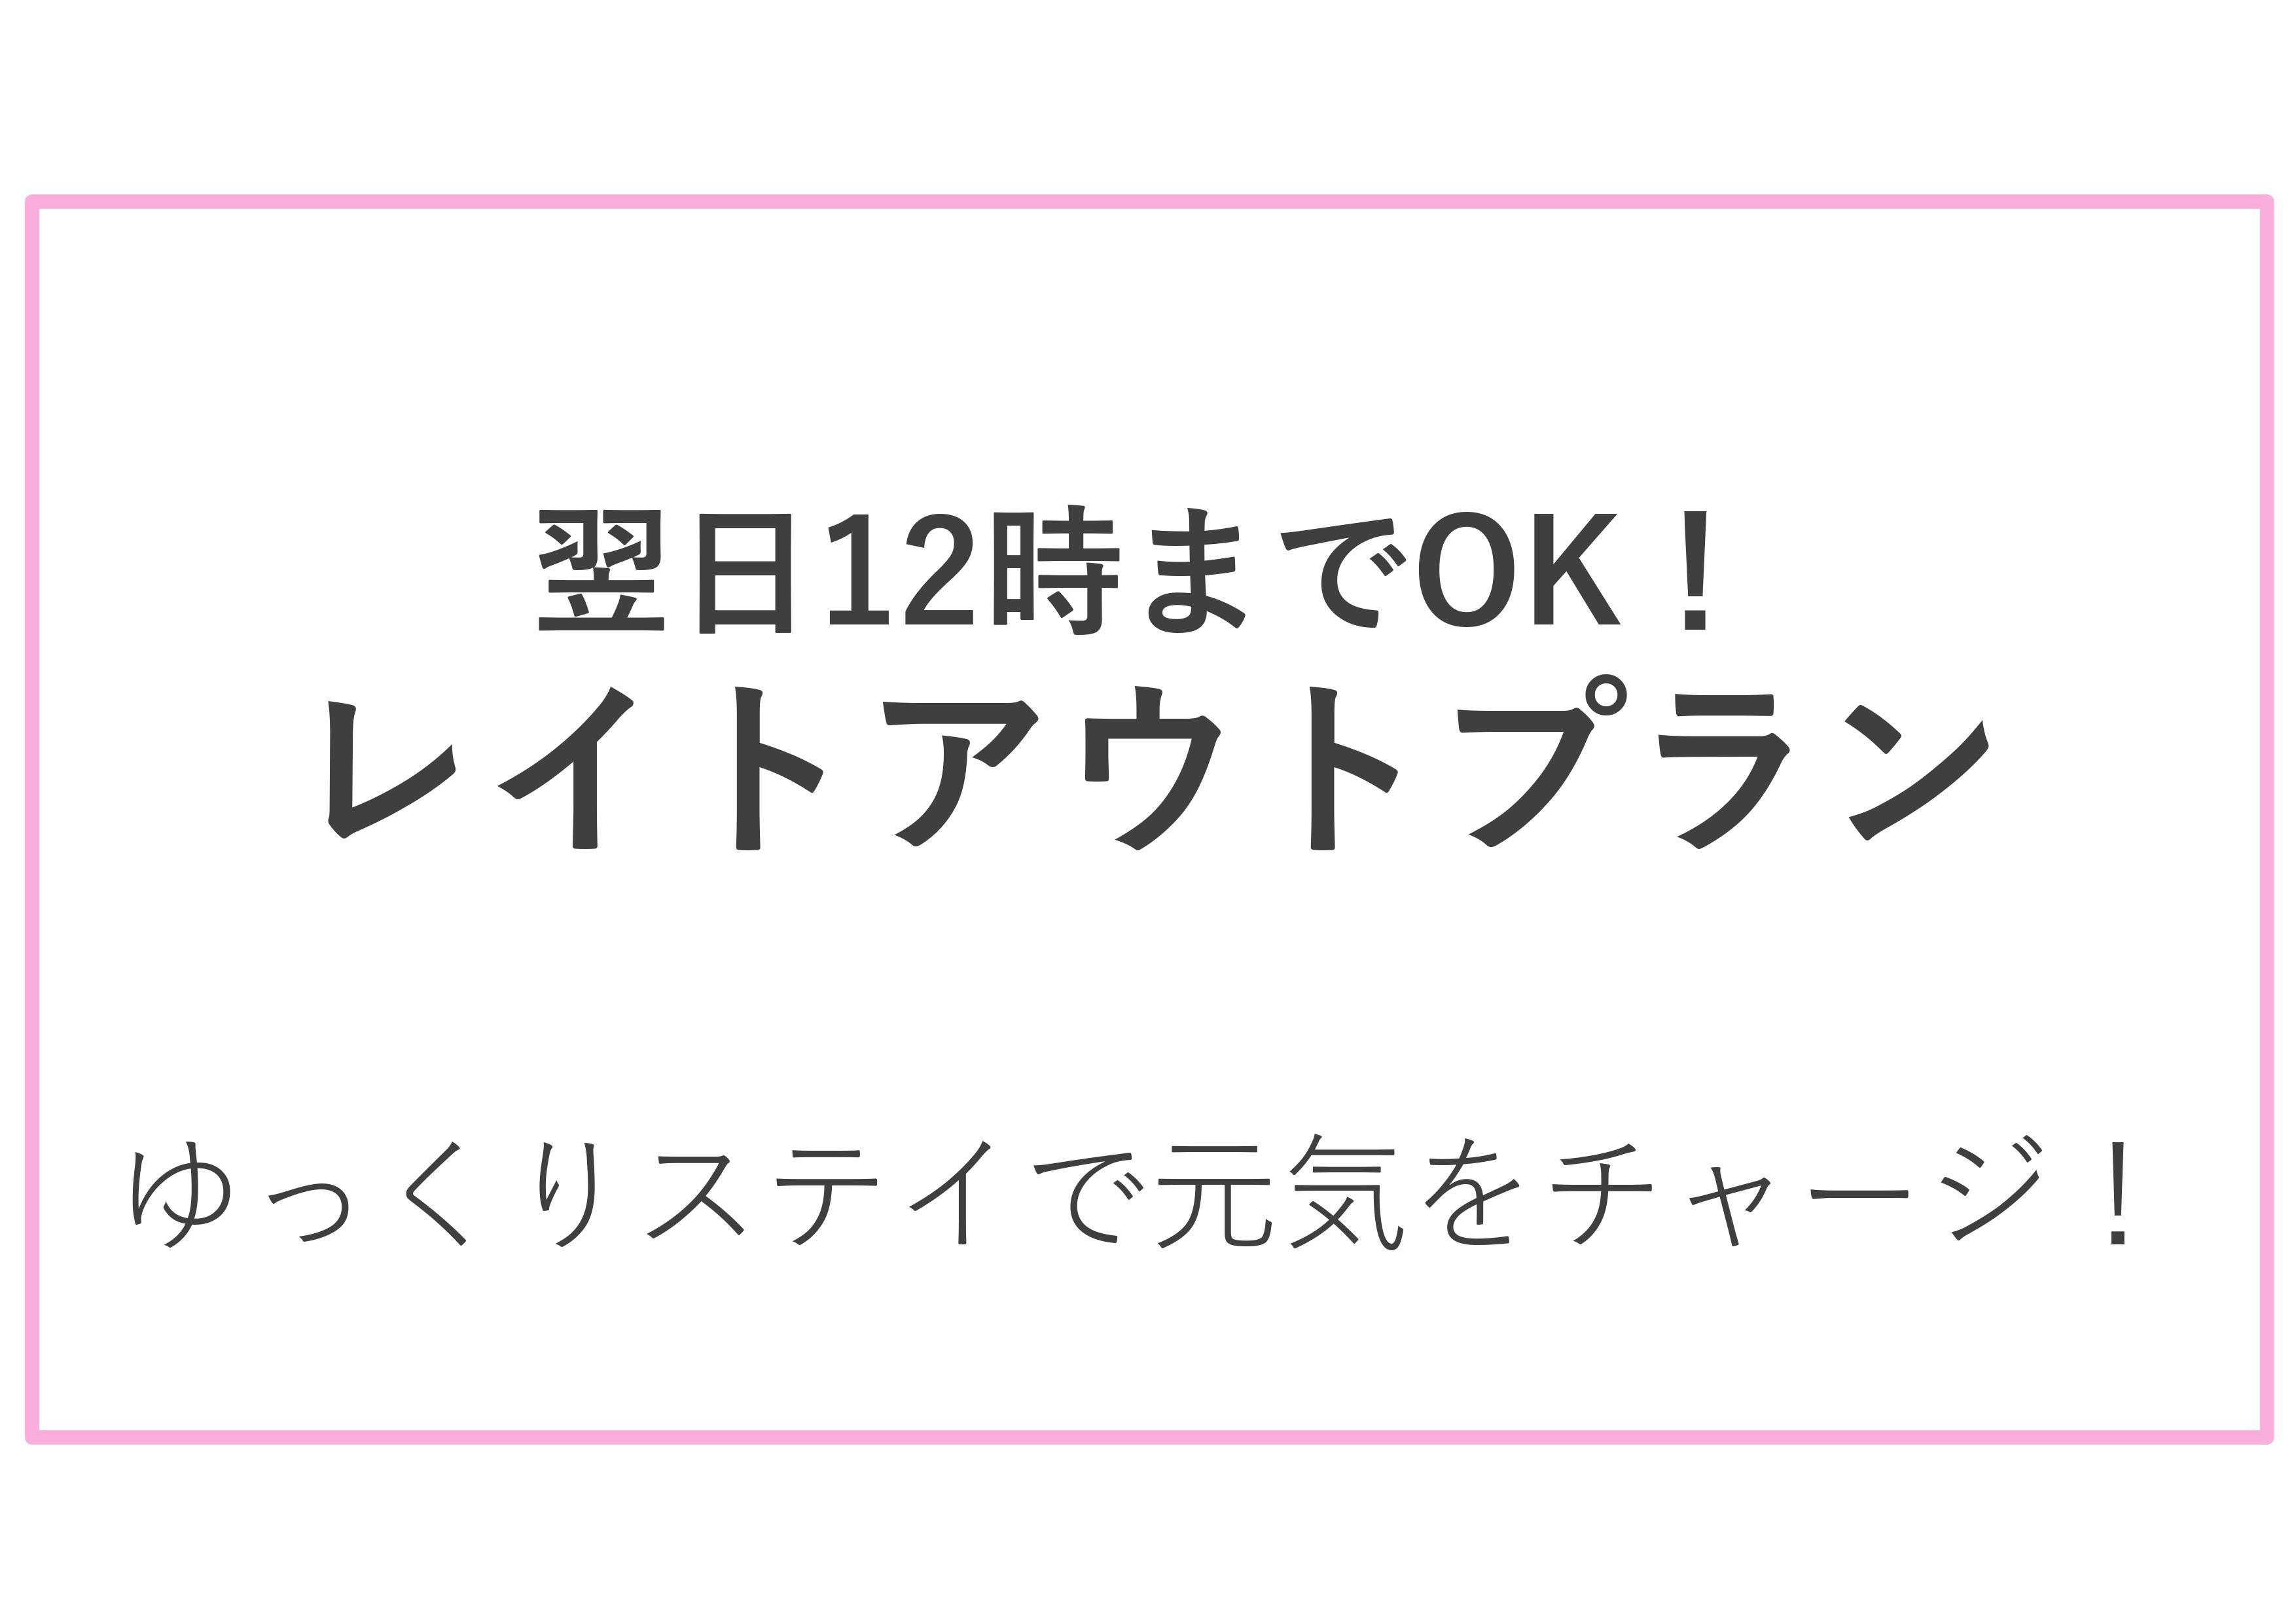 静岡ユーアイホテル 関連画像 2枚目 楽天トラベル提供